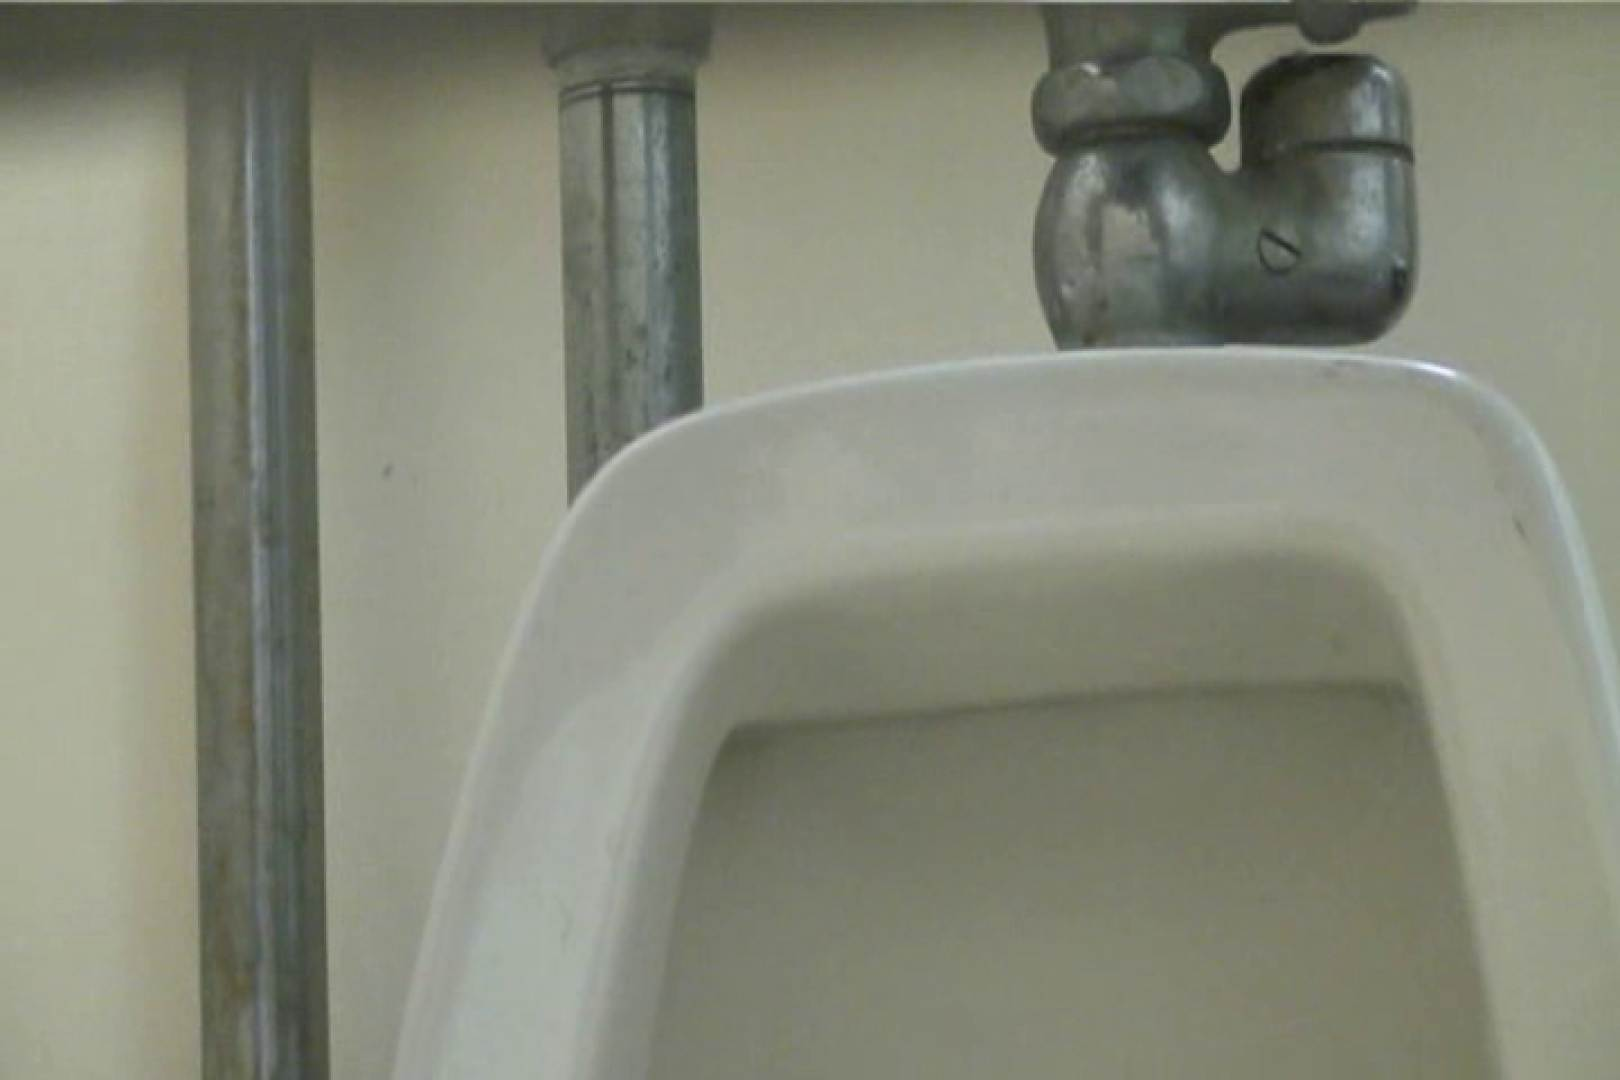 マンコ丸見え女子洗面所Vol.19 OLすけべ画像 エロ画像 85連発 32